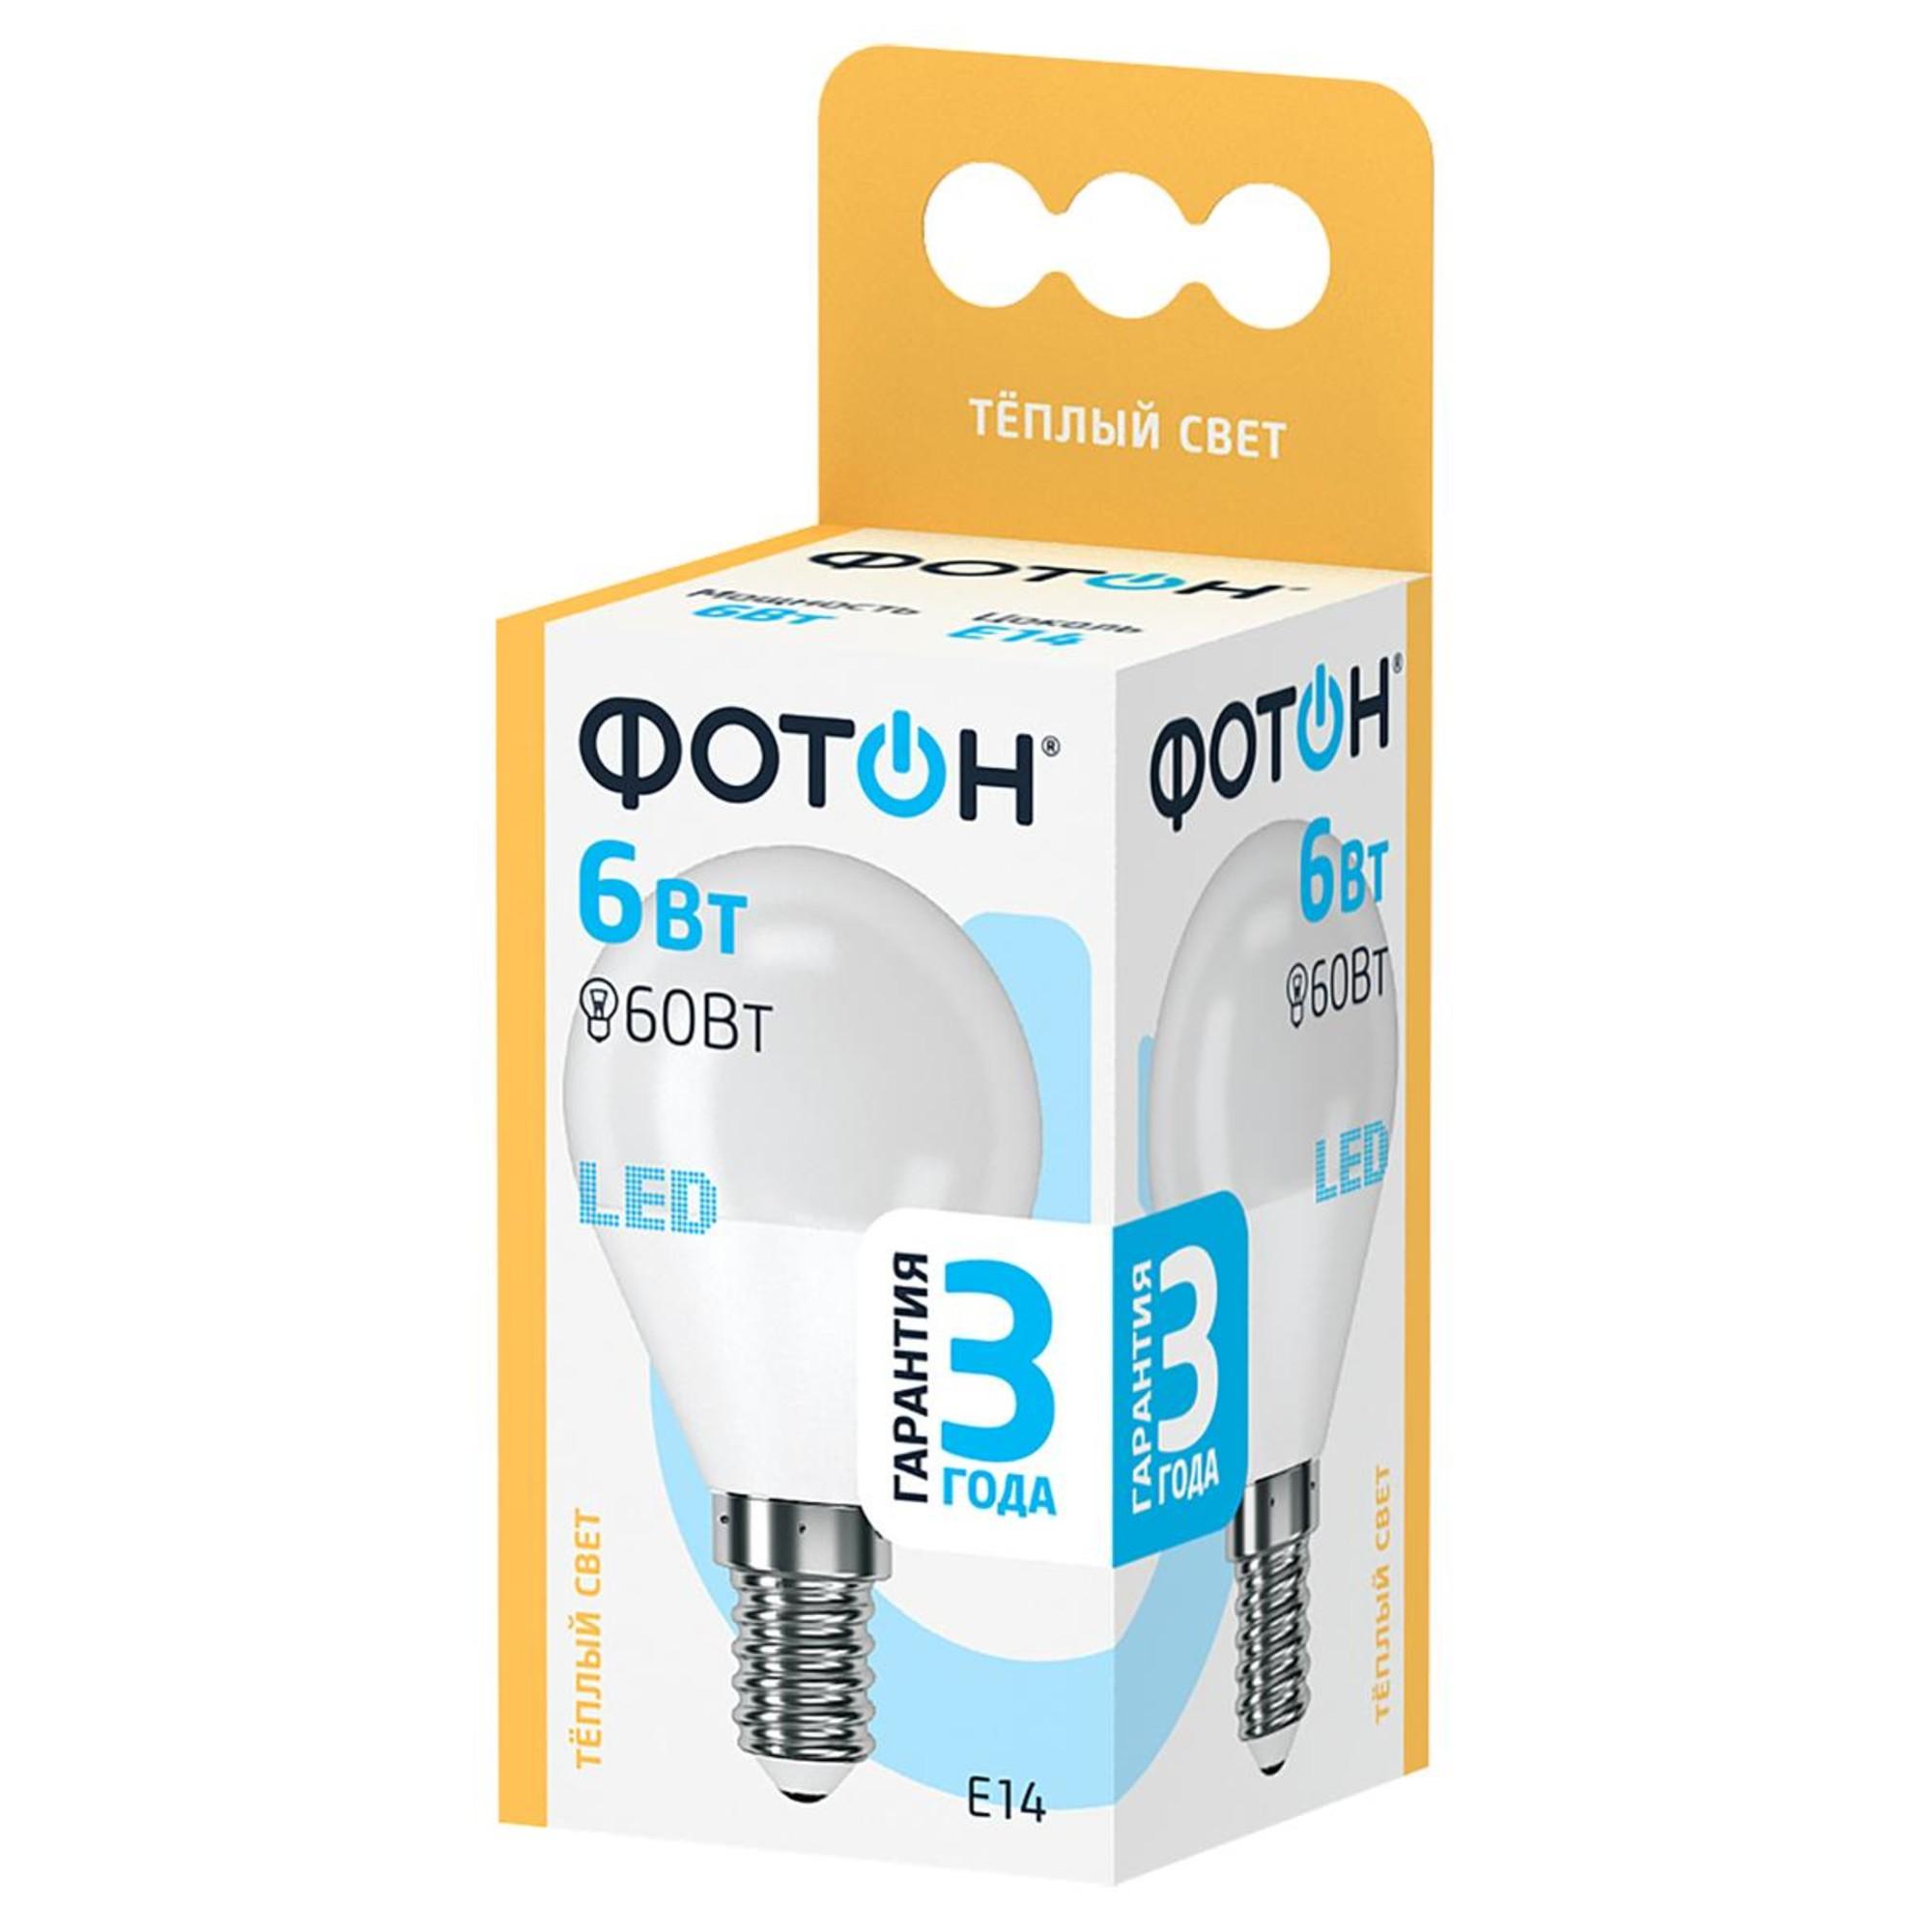 Светодиодная лампочка Фотон 22815 E14 530 Лм 6 Вт